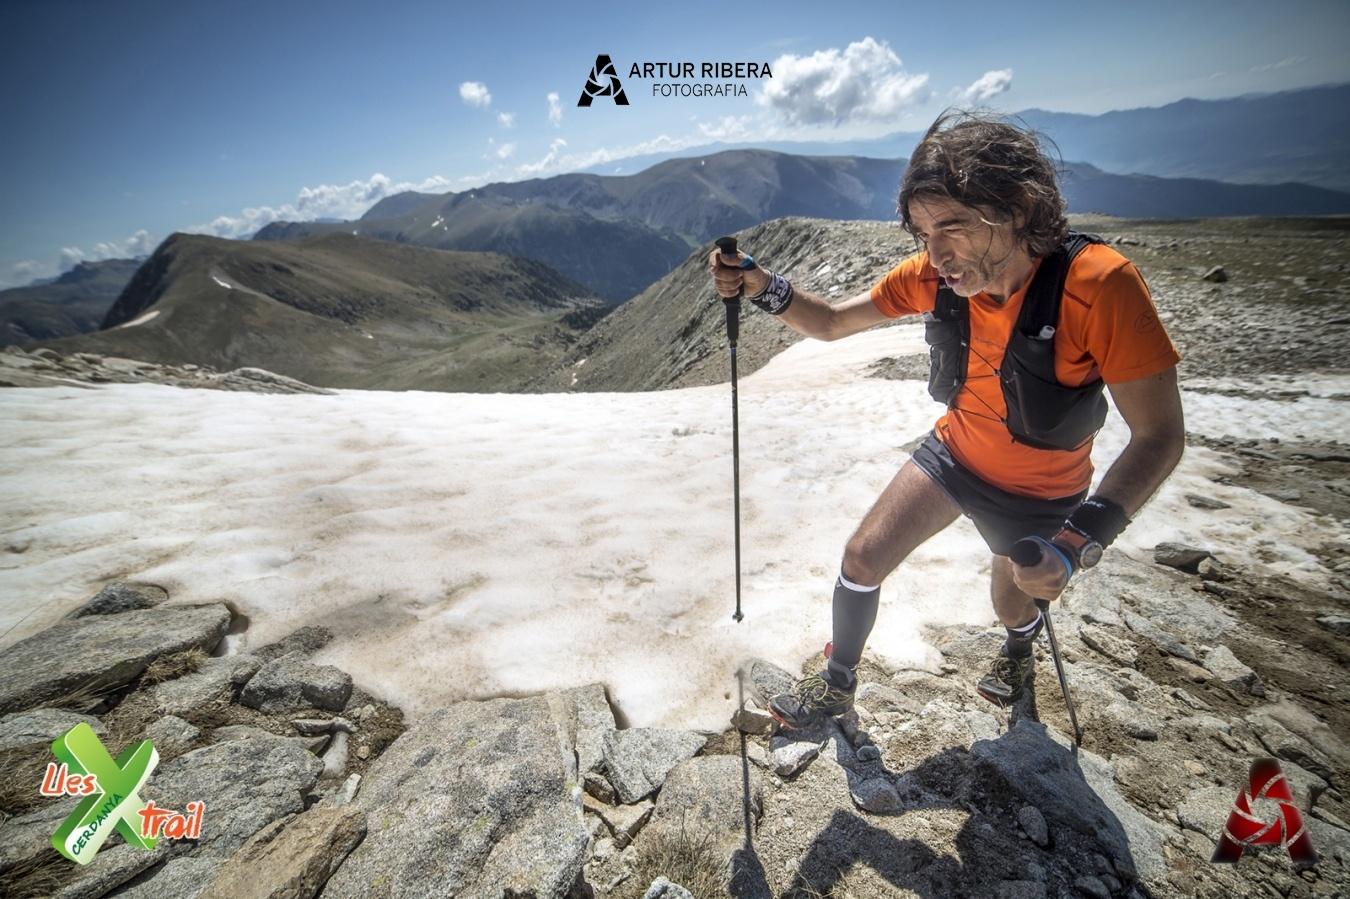 Lles Xtrail 2021 (Marathon) - @arturribera, Fotografia